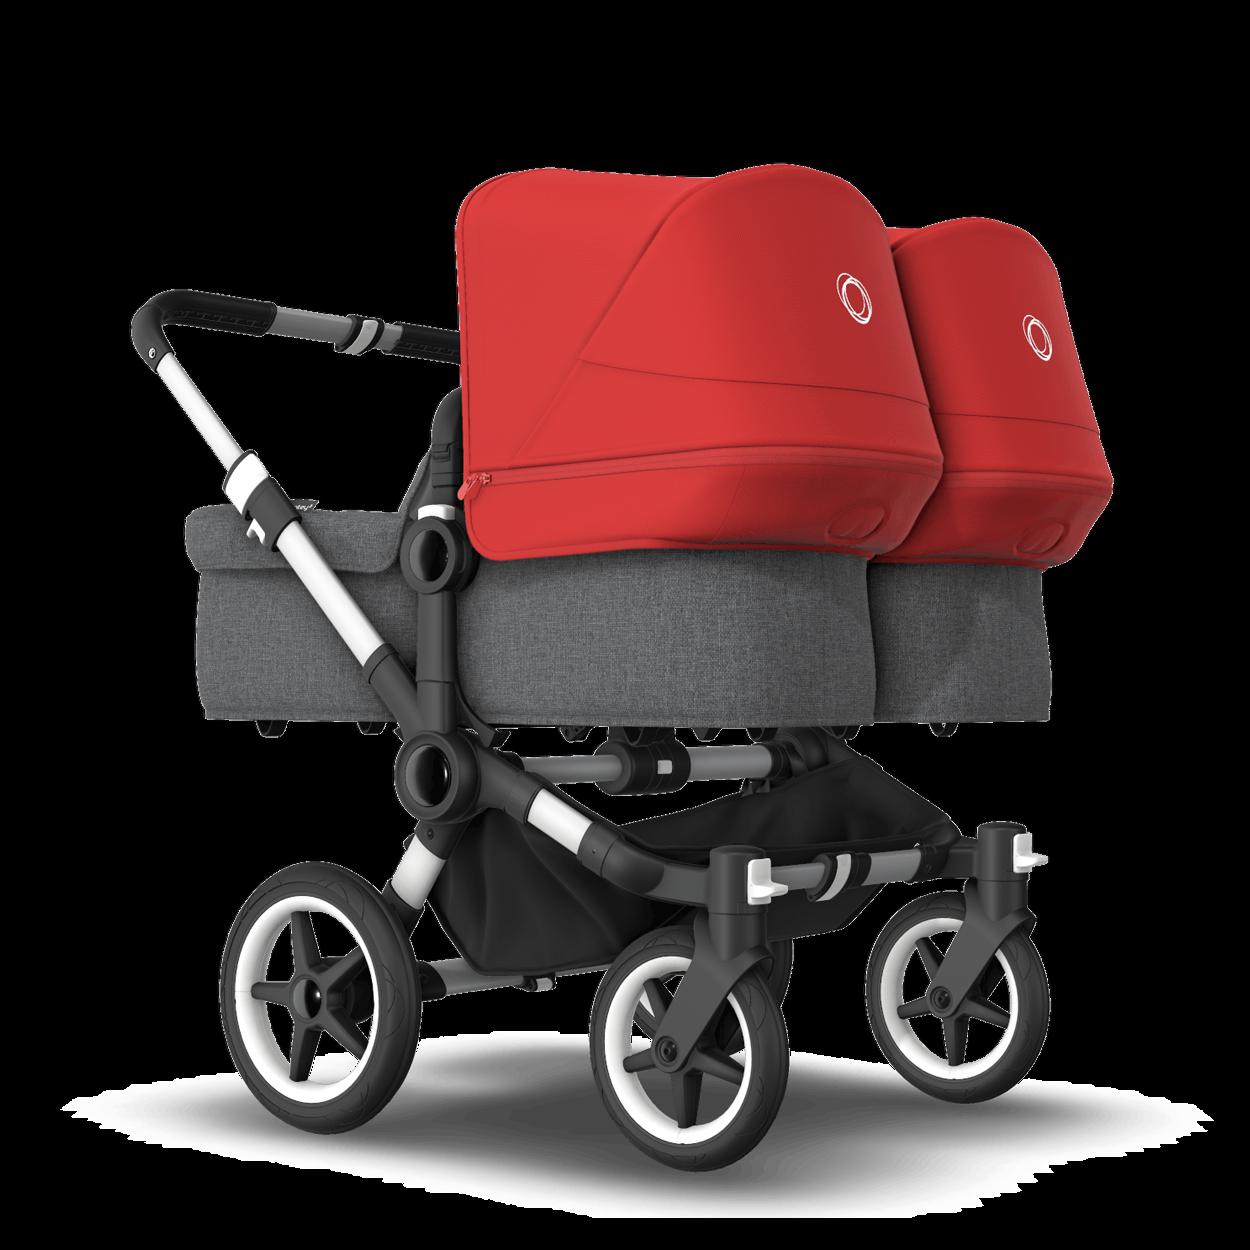 Bugaboo Donkey 3 Twin | Twin strollers | Bugaboo.com